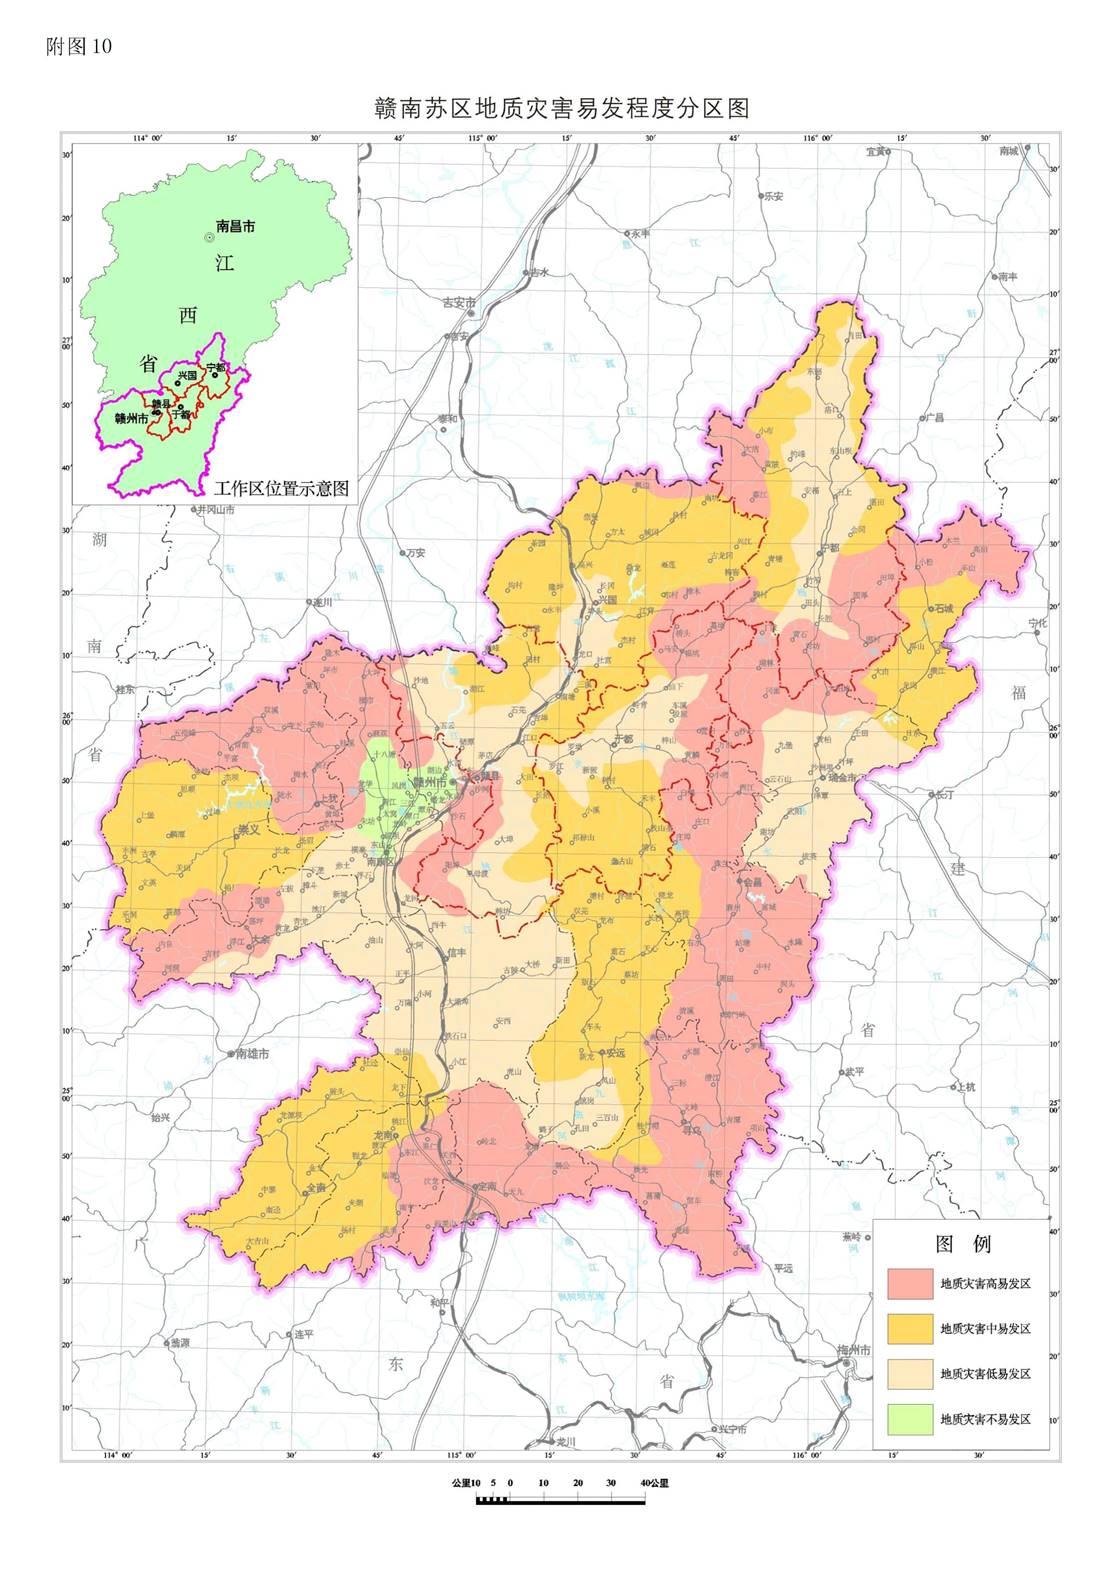 地图 1118_1580 竖版 竖屏